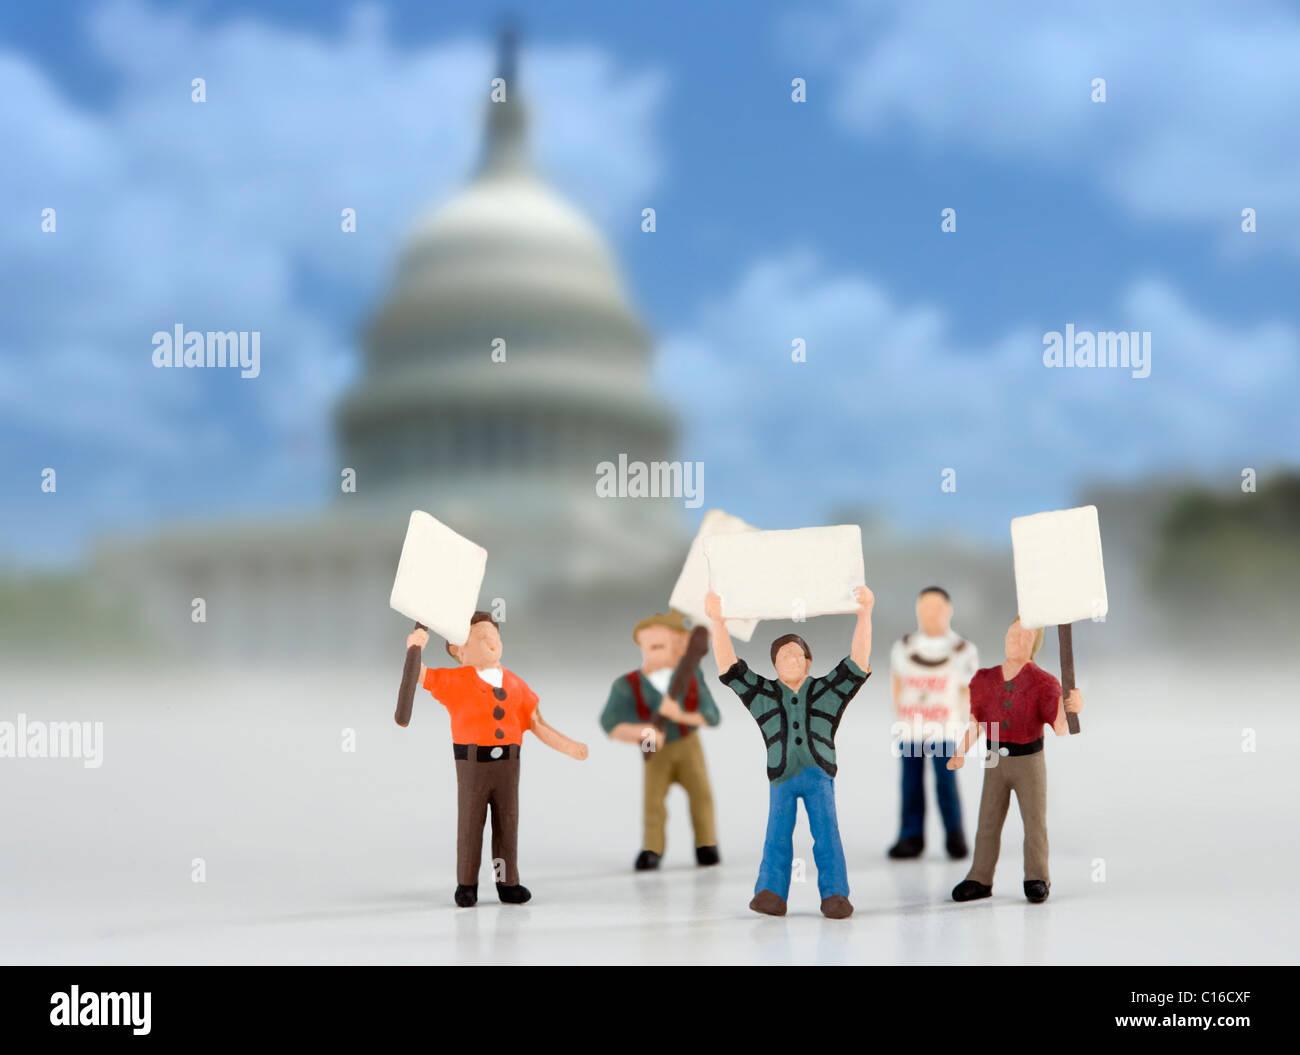 Los manifestantes en el edificio capital concepto imagen. Figuras modelo representando a los manifestantes en Washington. Imagen De Stock